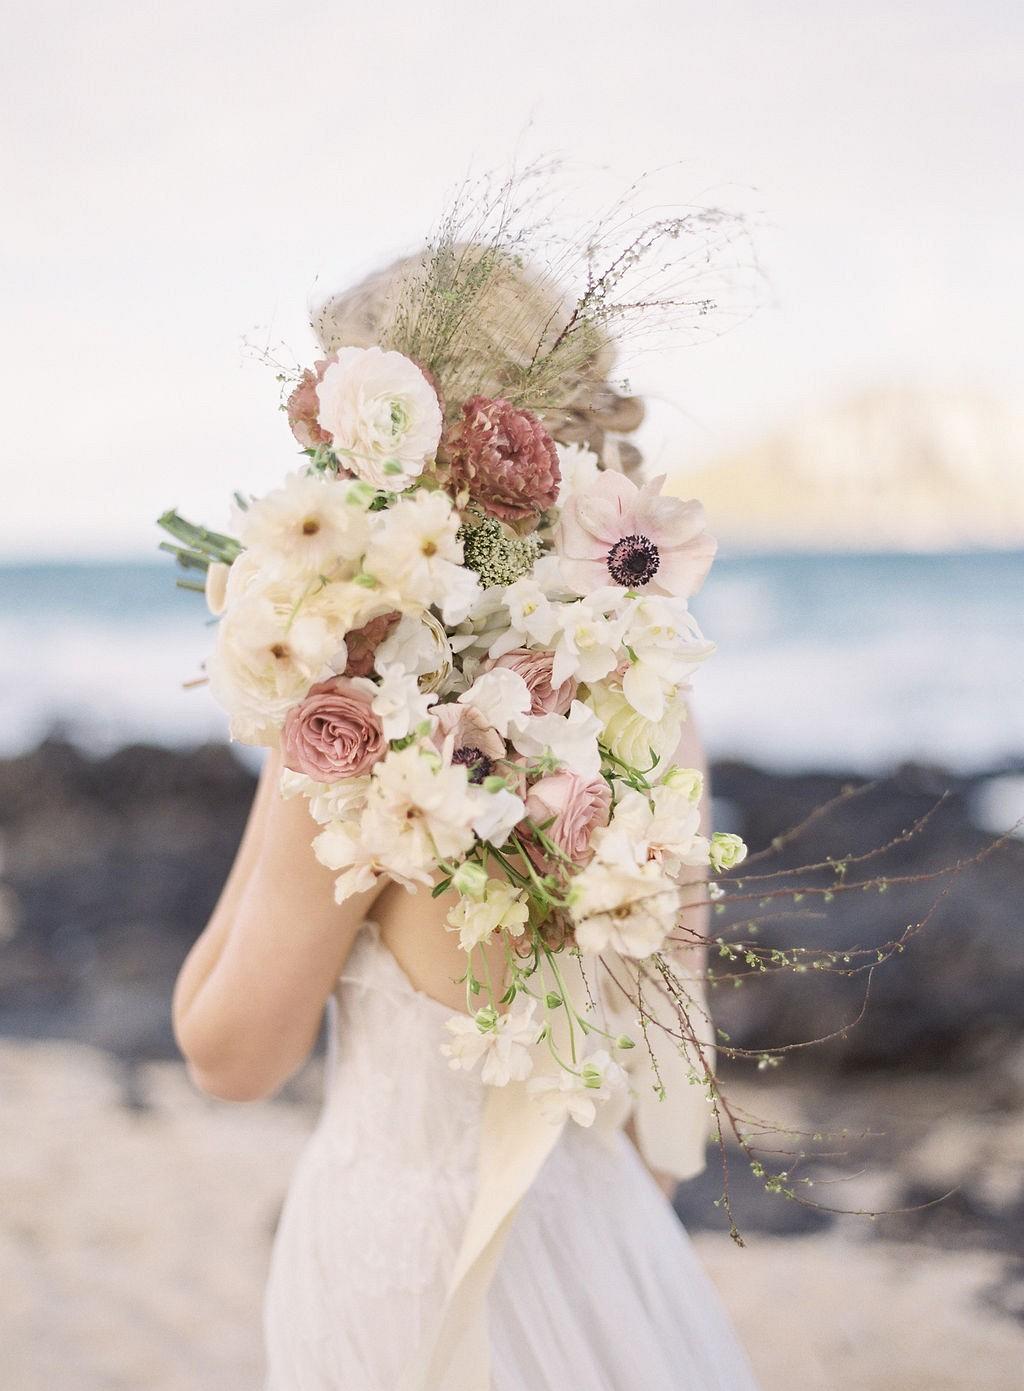 Wild Coastal Wedding Inspiration in Hawaii